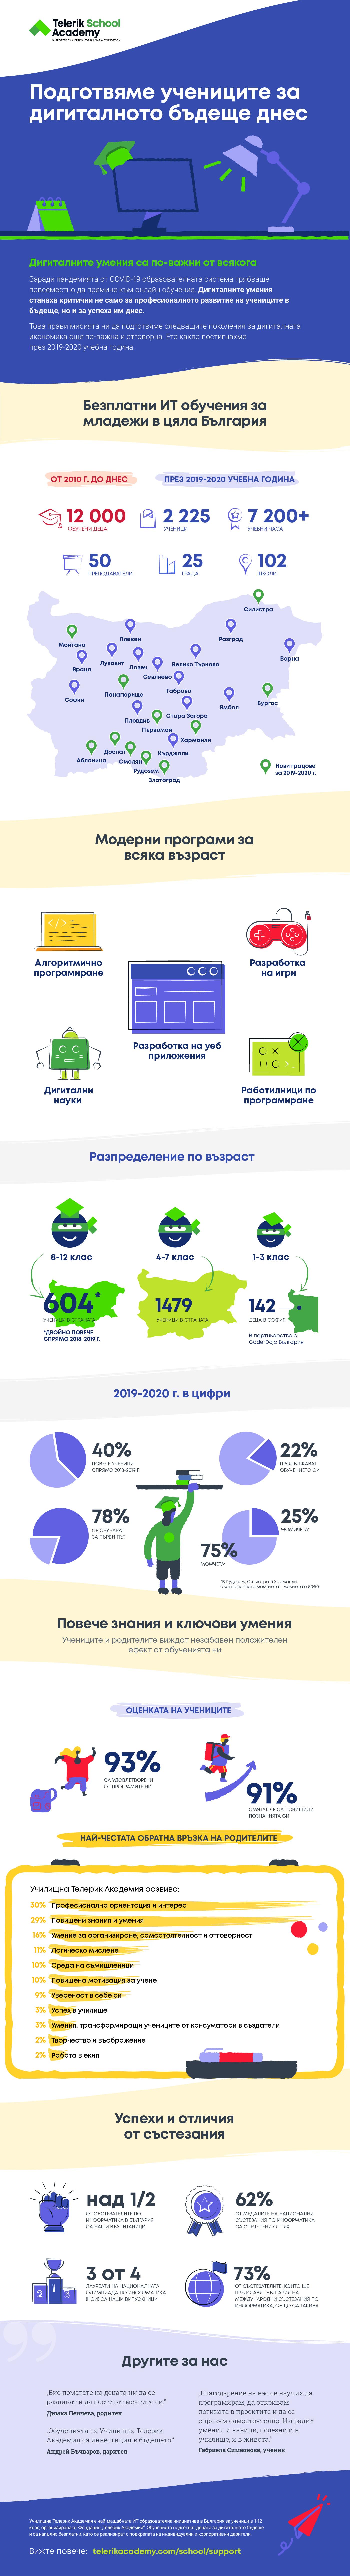 Telerik Academy School - Infographic 2019-2020 school year